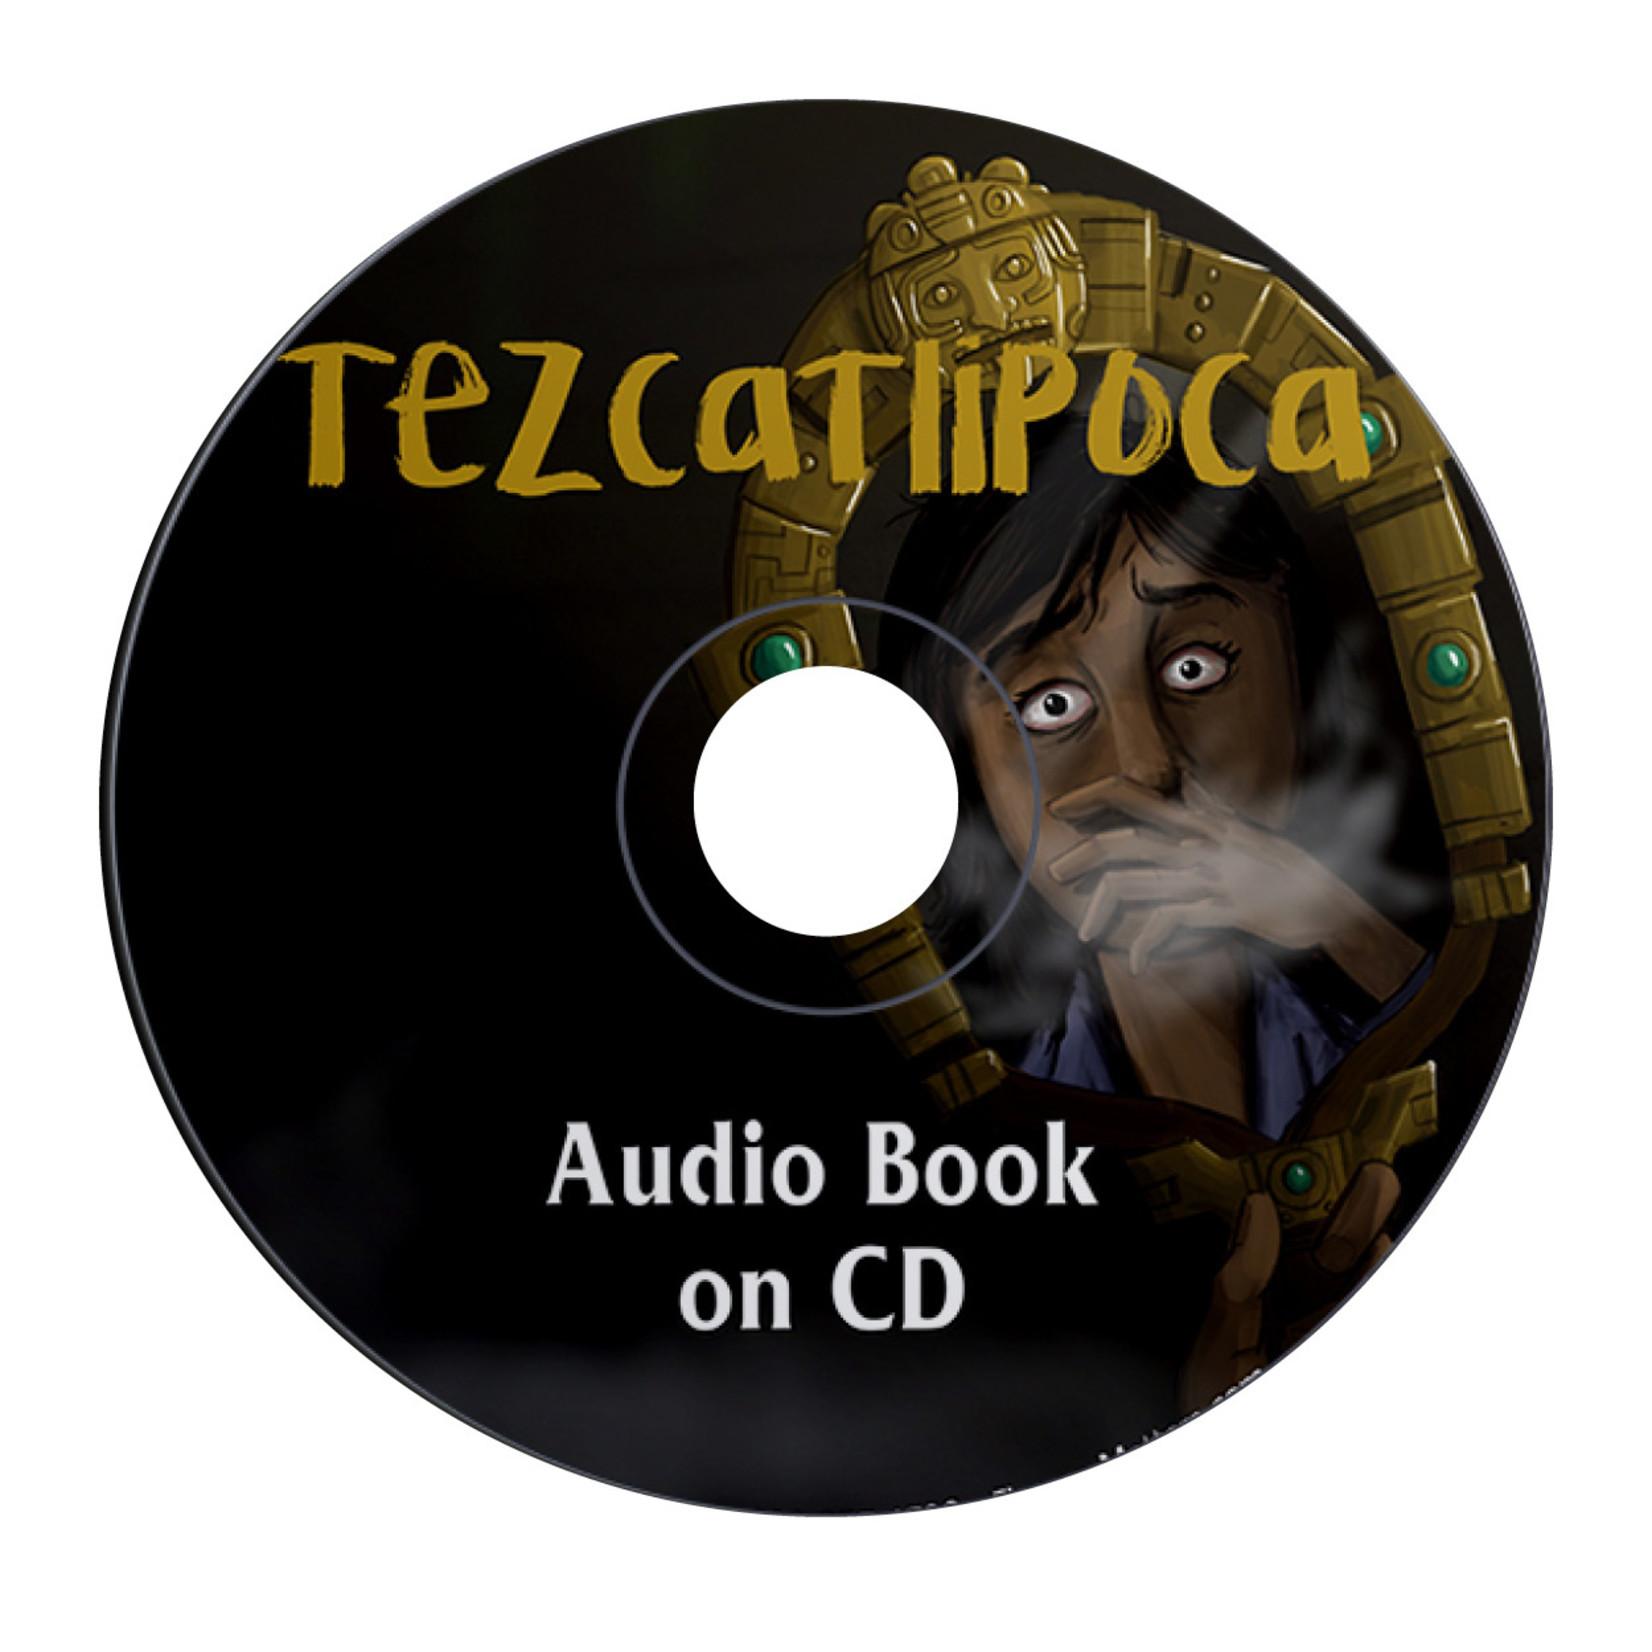 Fluency Matters Tezcatlipoca - Audiobook